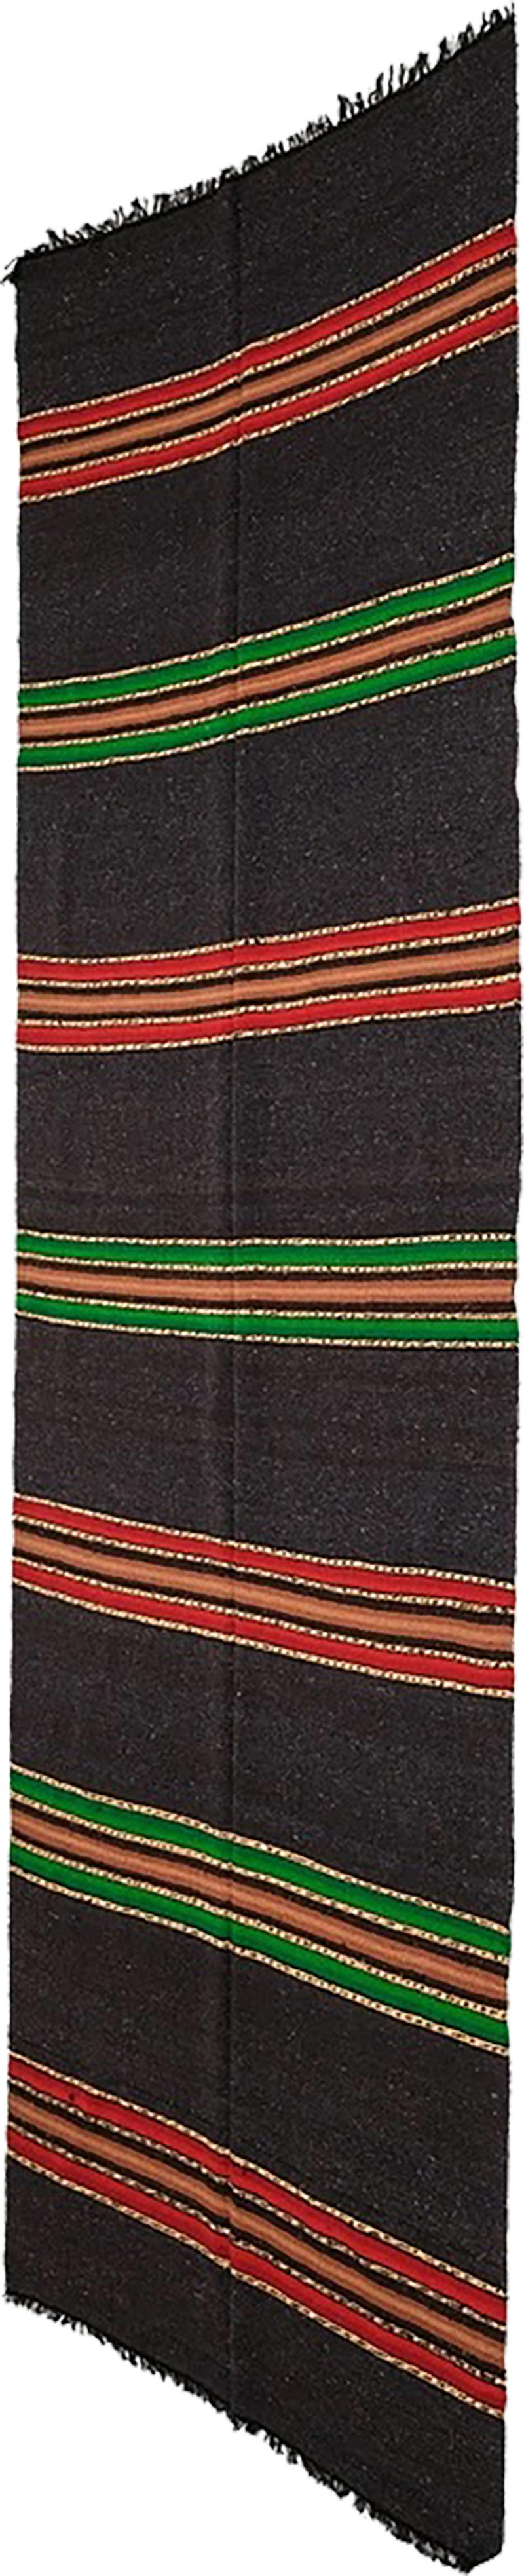 Bulgarian Tcerga runner hand woven red green black 60s